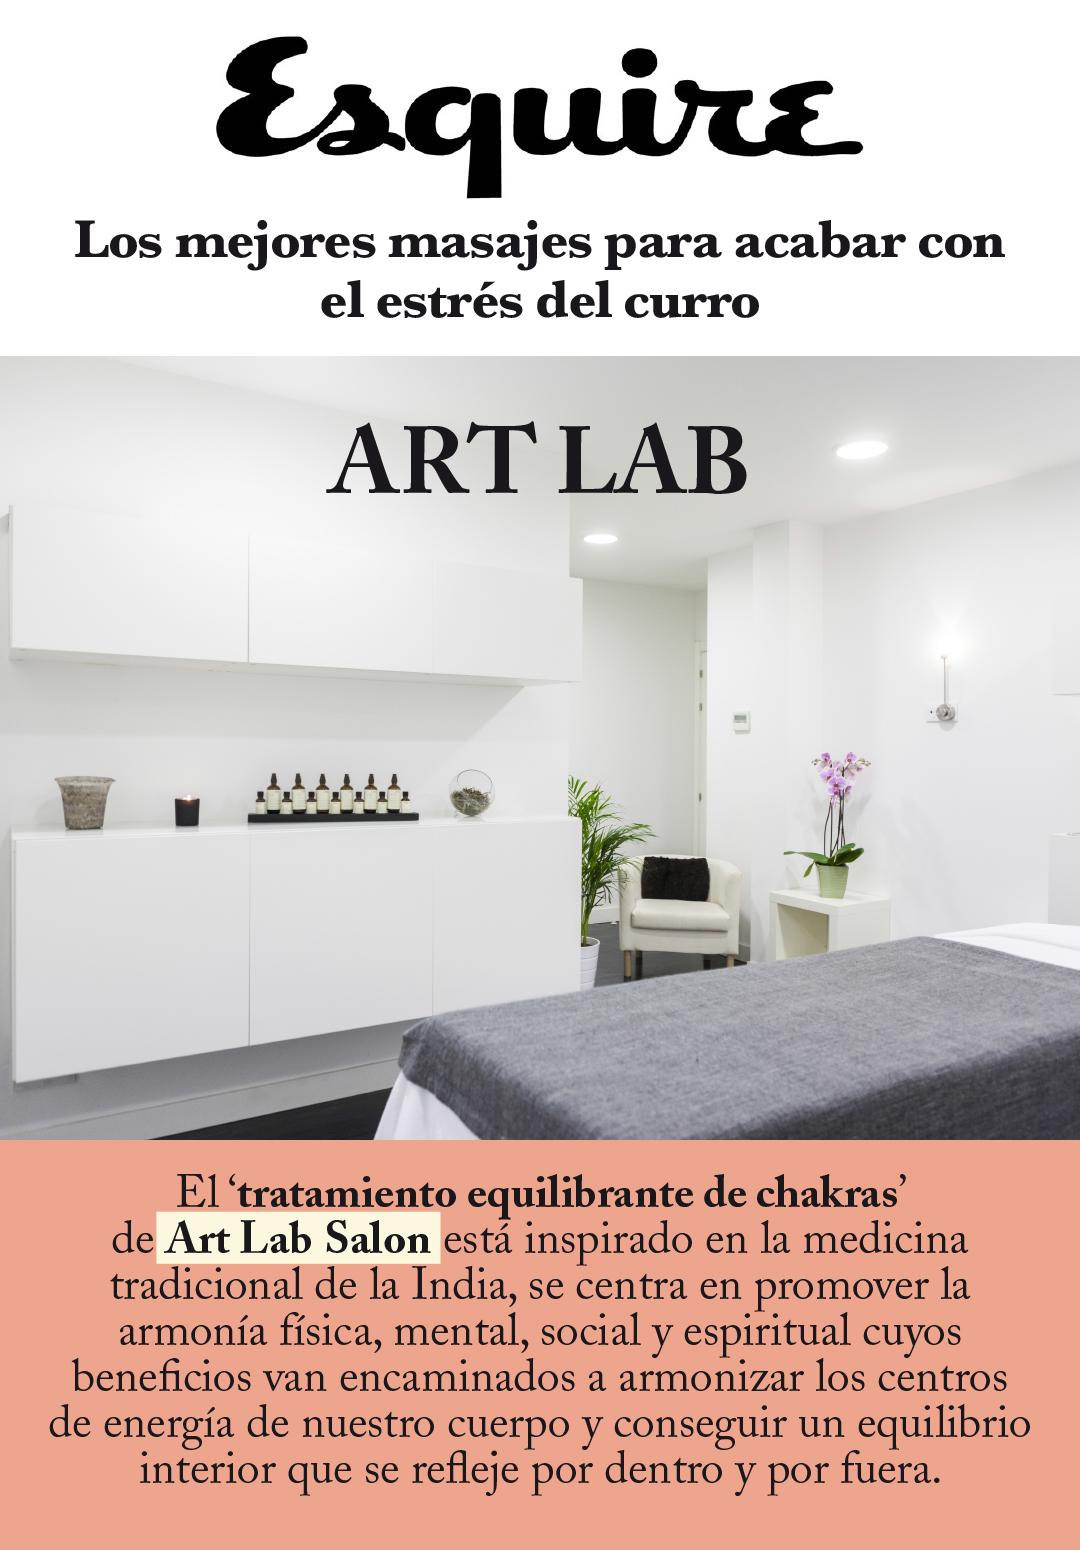 ART LAB en ESQUIRE